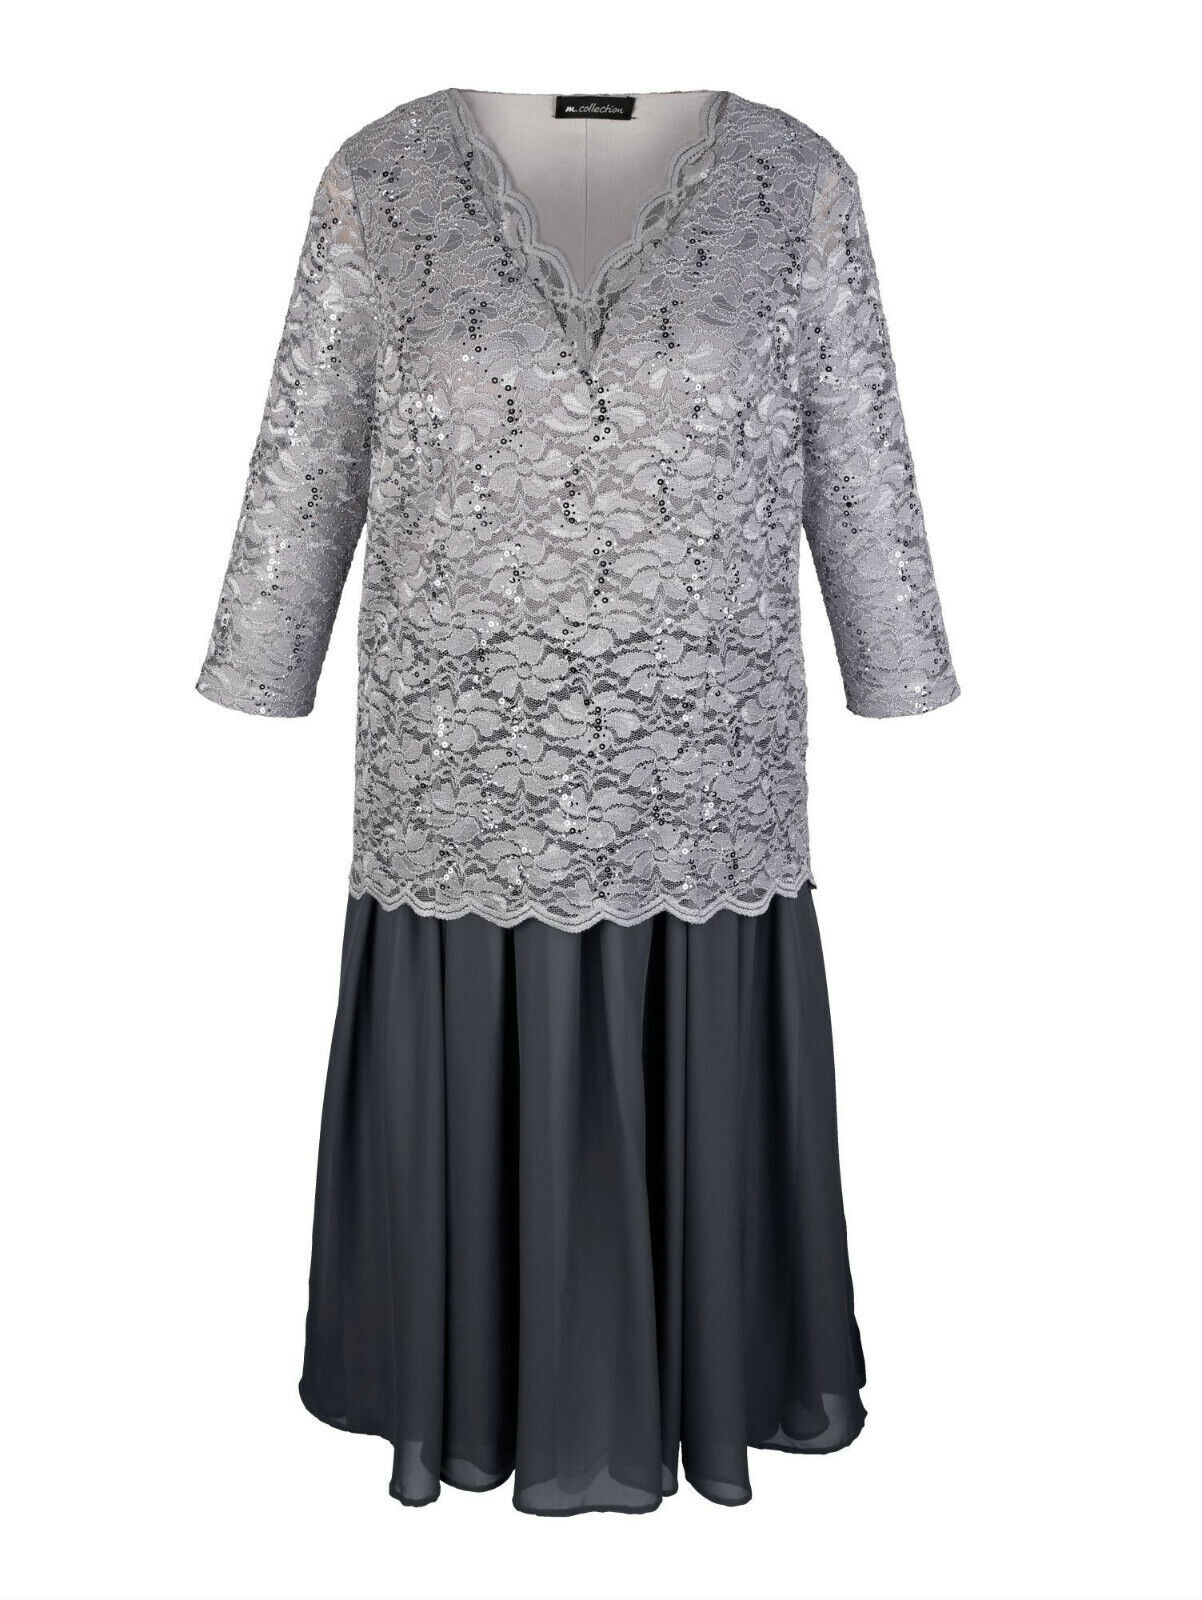 details zu m. collection kleid mit spitzen-oberteil, grau. neu